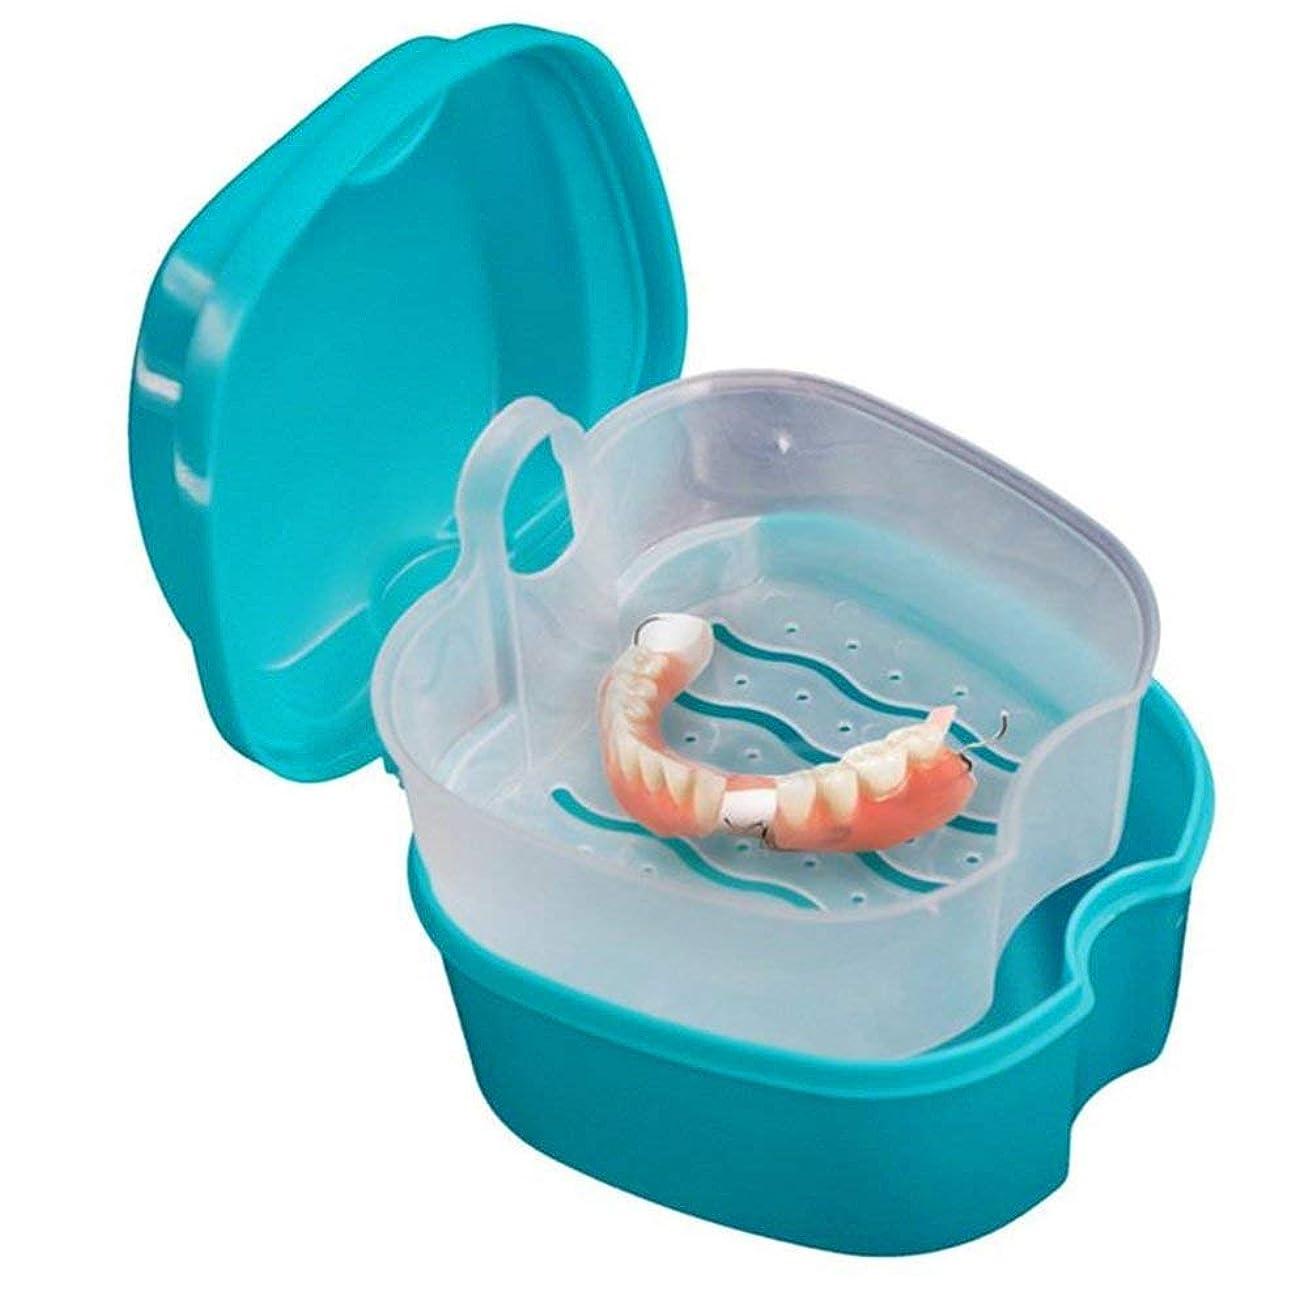 パースコロニアル上にCoiTek 入れ歯ケース 義歯ケース 携帯 家庭旅行用 ストレーナー付き ブルー